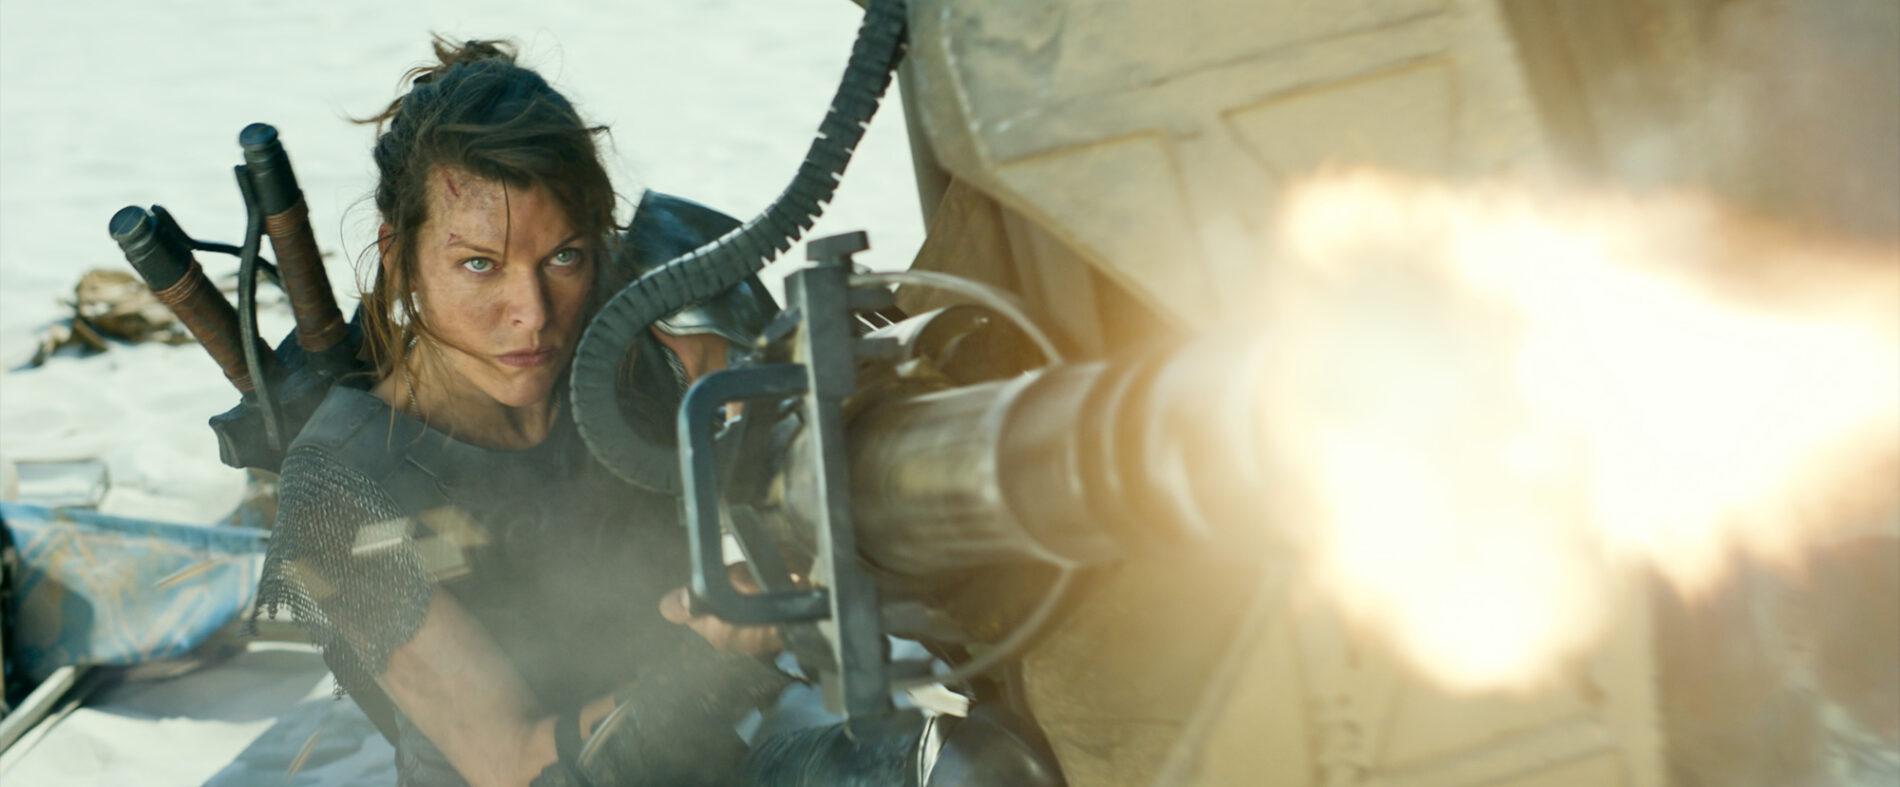 «Monster Hunter LaCacería Comienza» ya está en la cartelera de cine